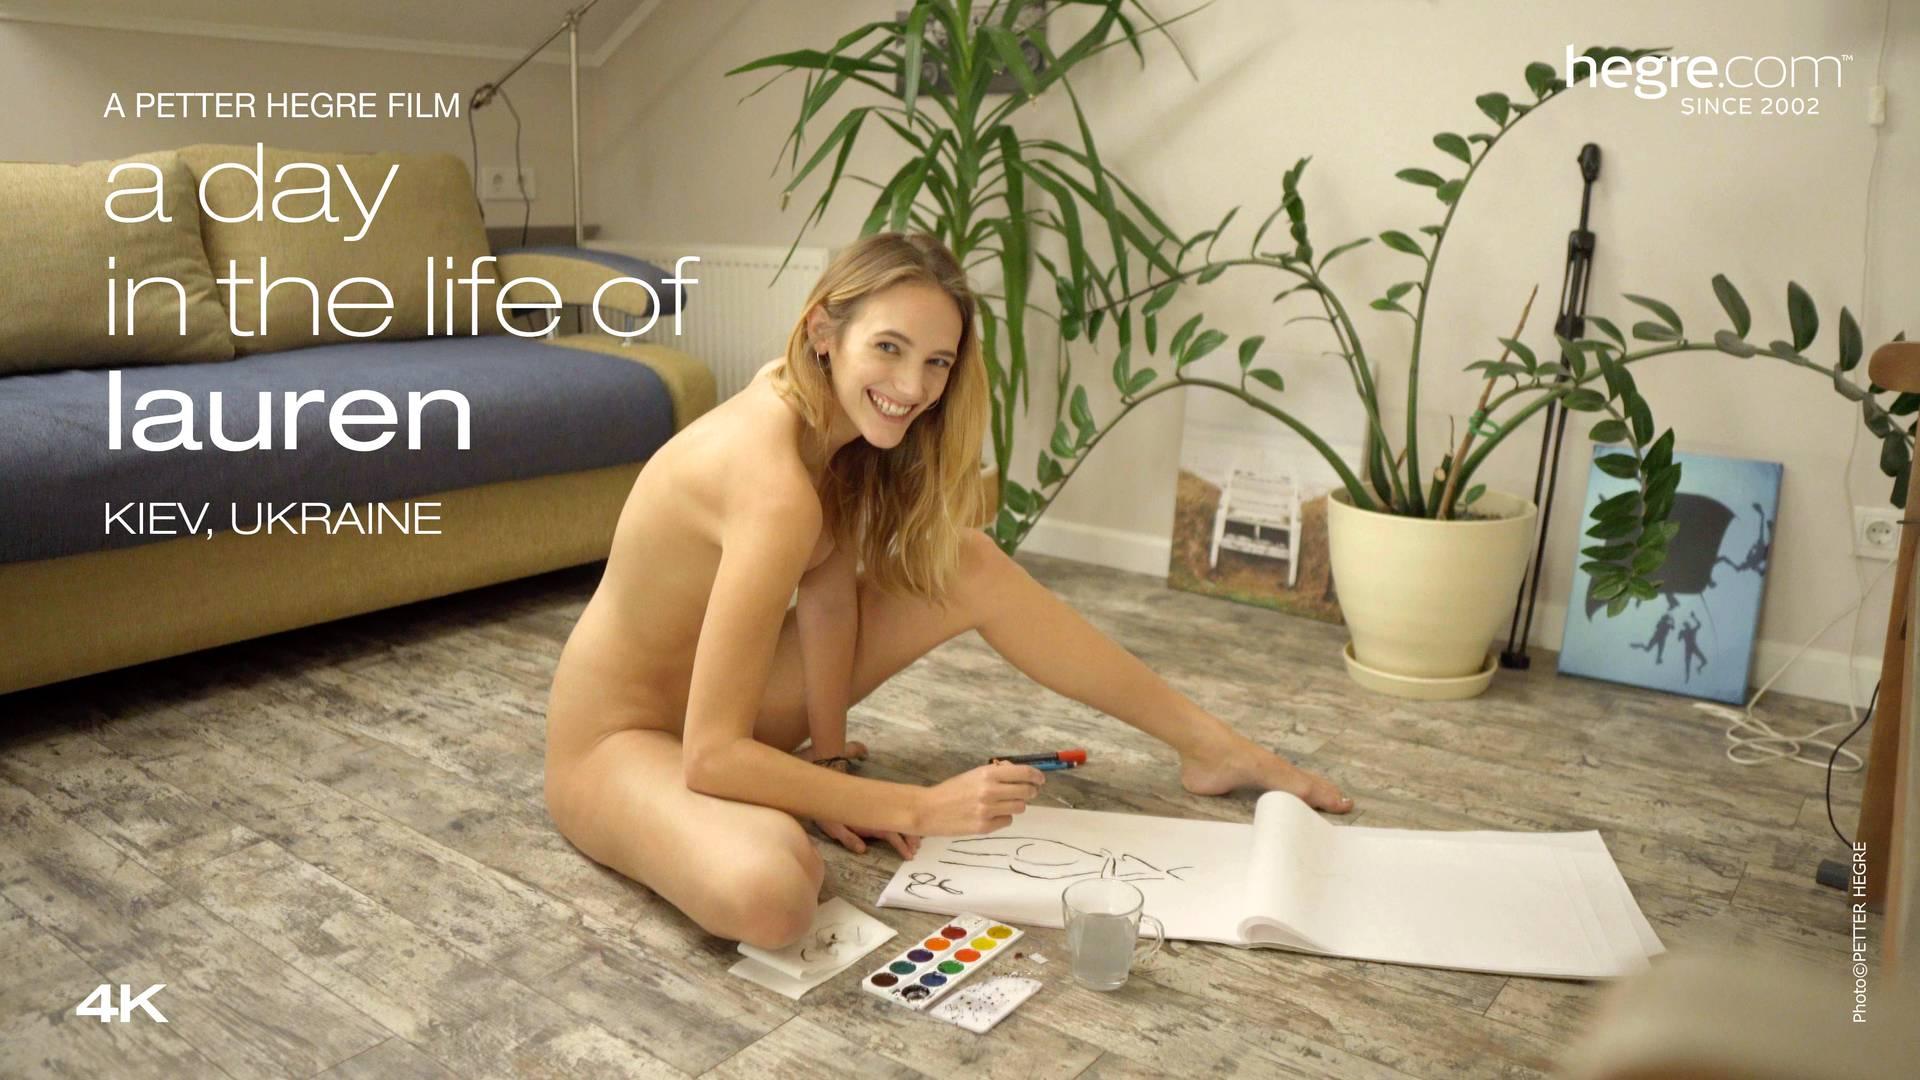 Avery Aday Videos Porno kiev ukraine porn | www.freeepornz